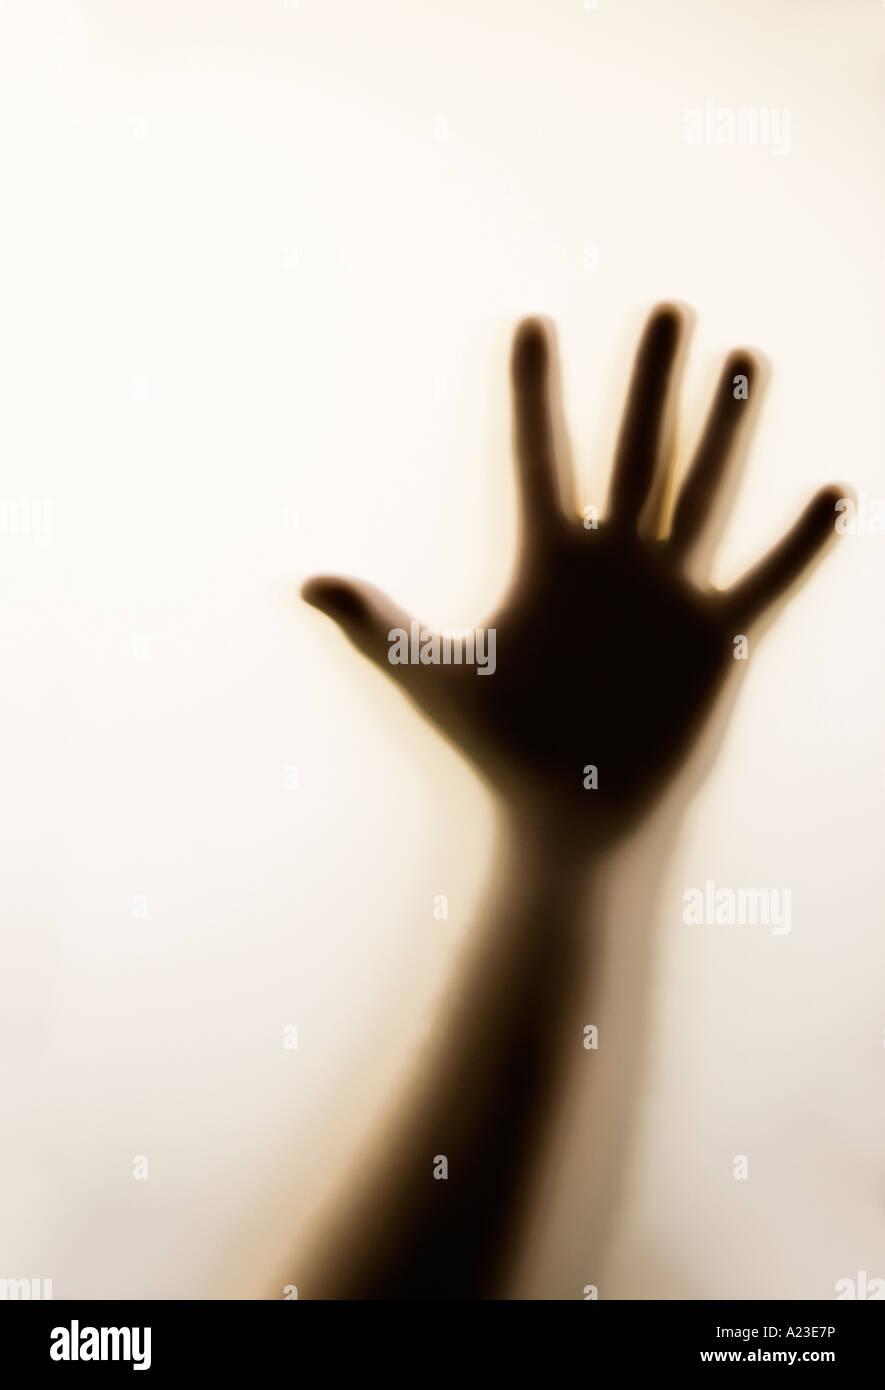 Silhouette von Hand gegen Milchglas erwachsenen Mann männlich Stockbild